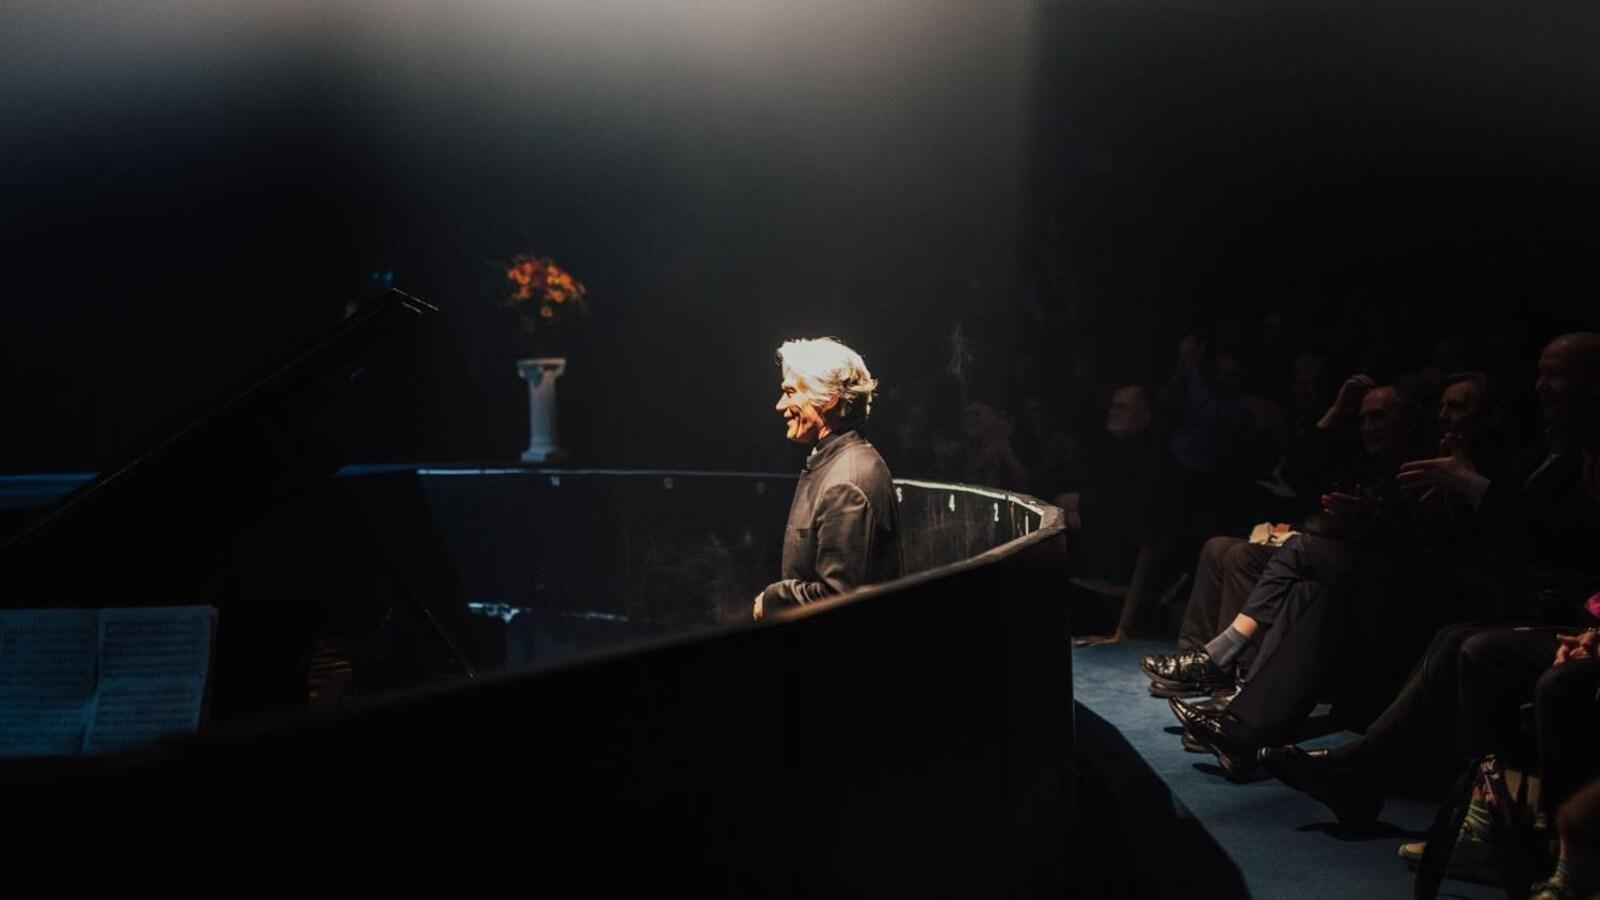 Un homme debout dans une fosse d'orchestre.